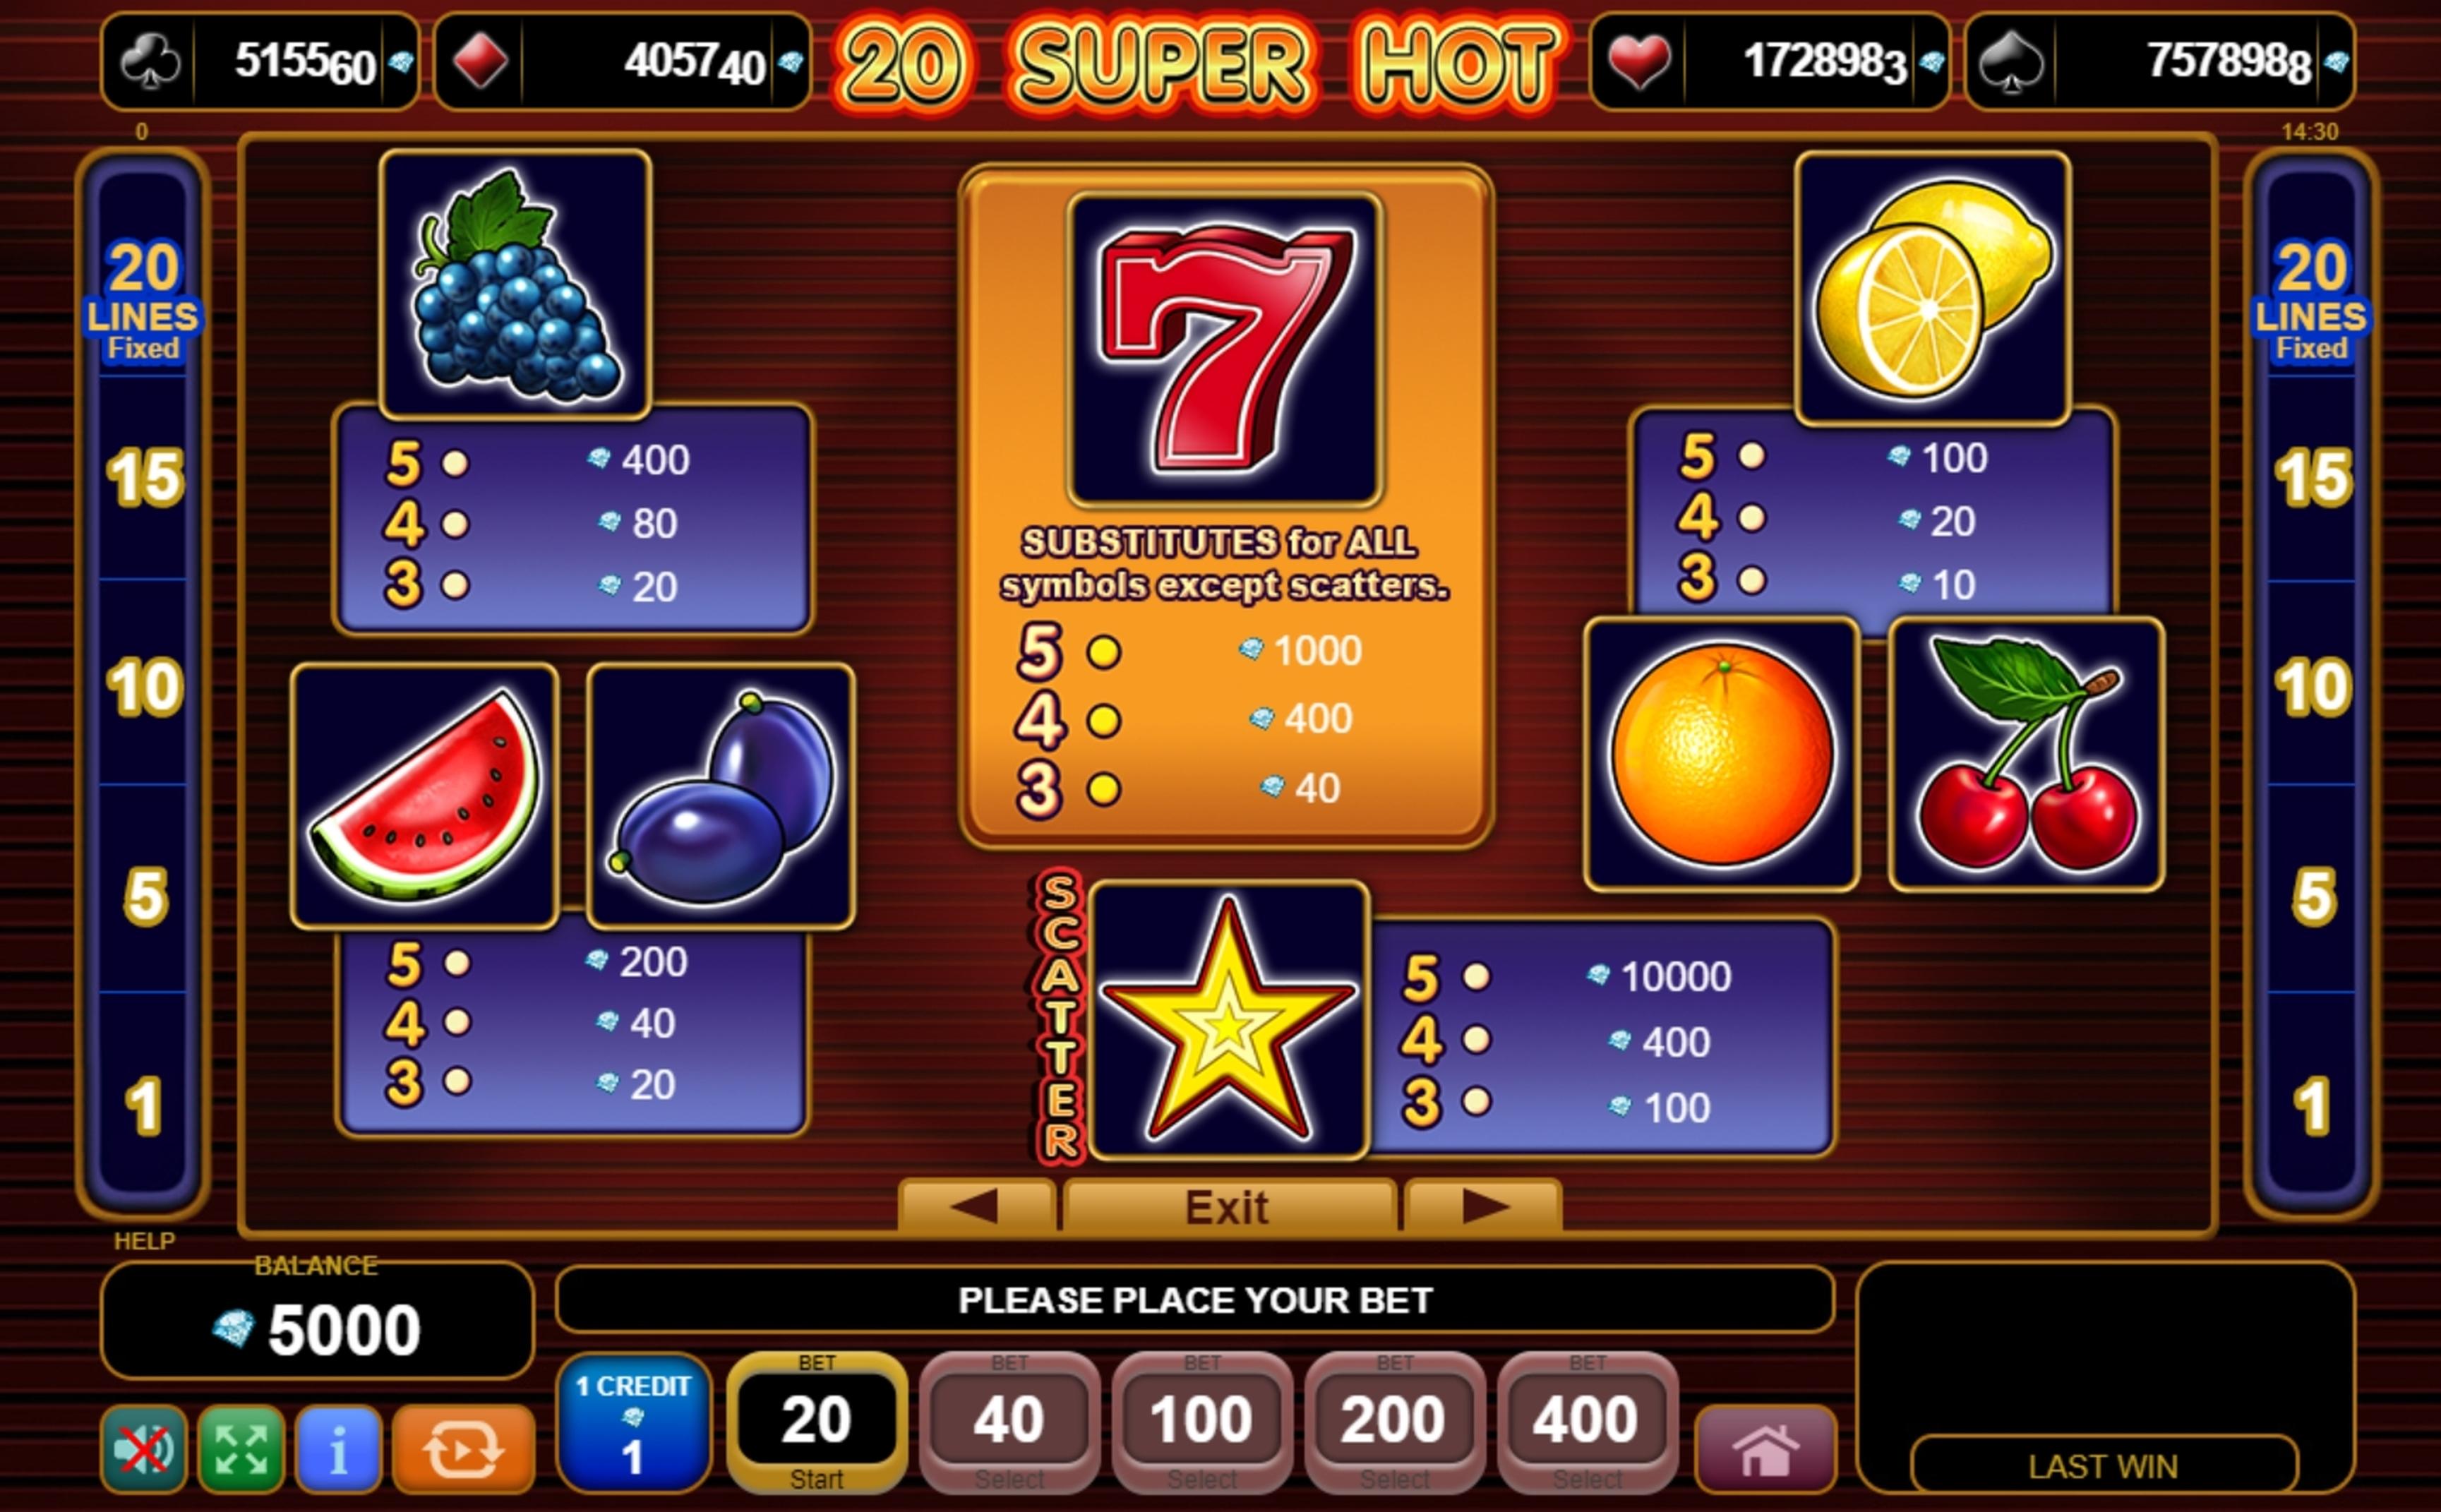 Blackjack villa 20 super dice egt casino slots poker zeus